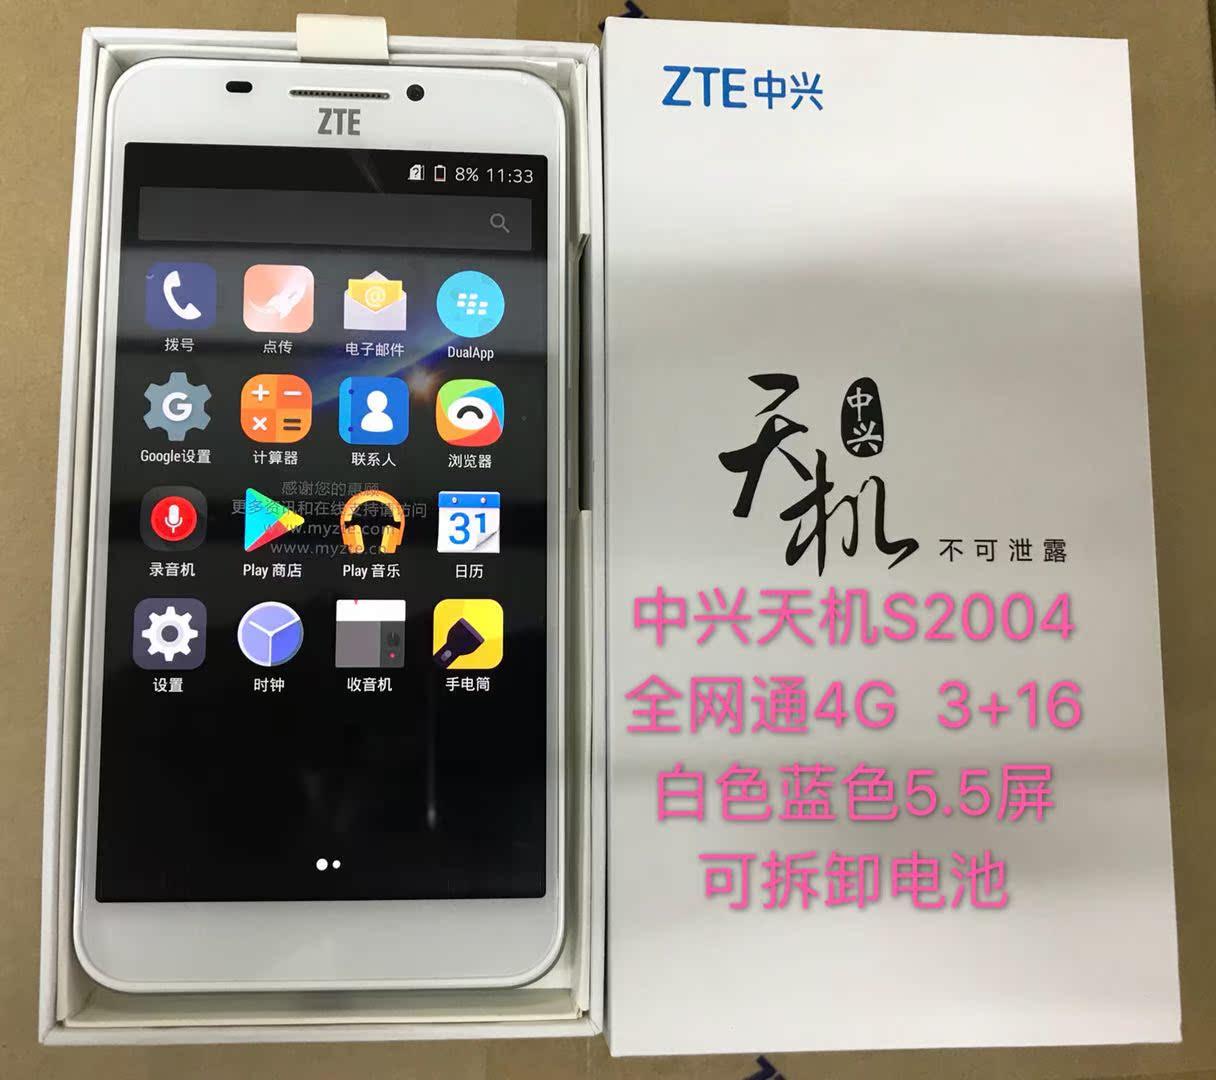 智能手机 OTG 大屏备用 5.5 全网通 3 天机 S2004 中兴 ZTE